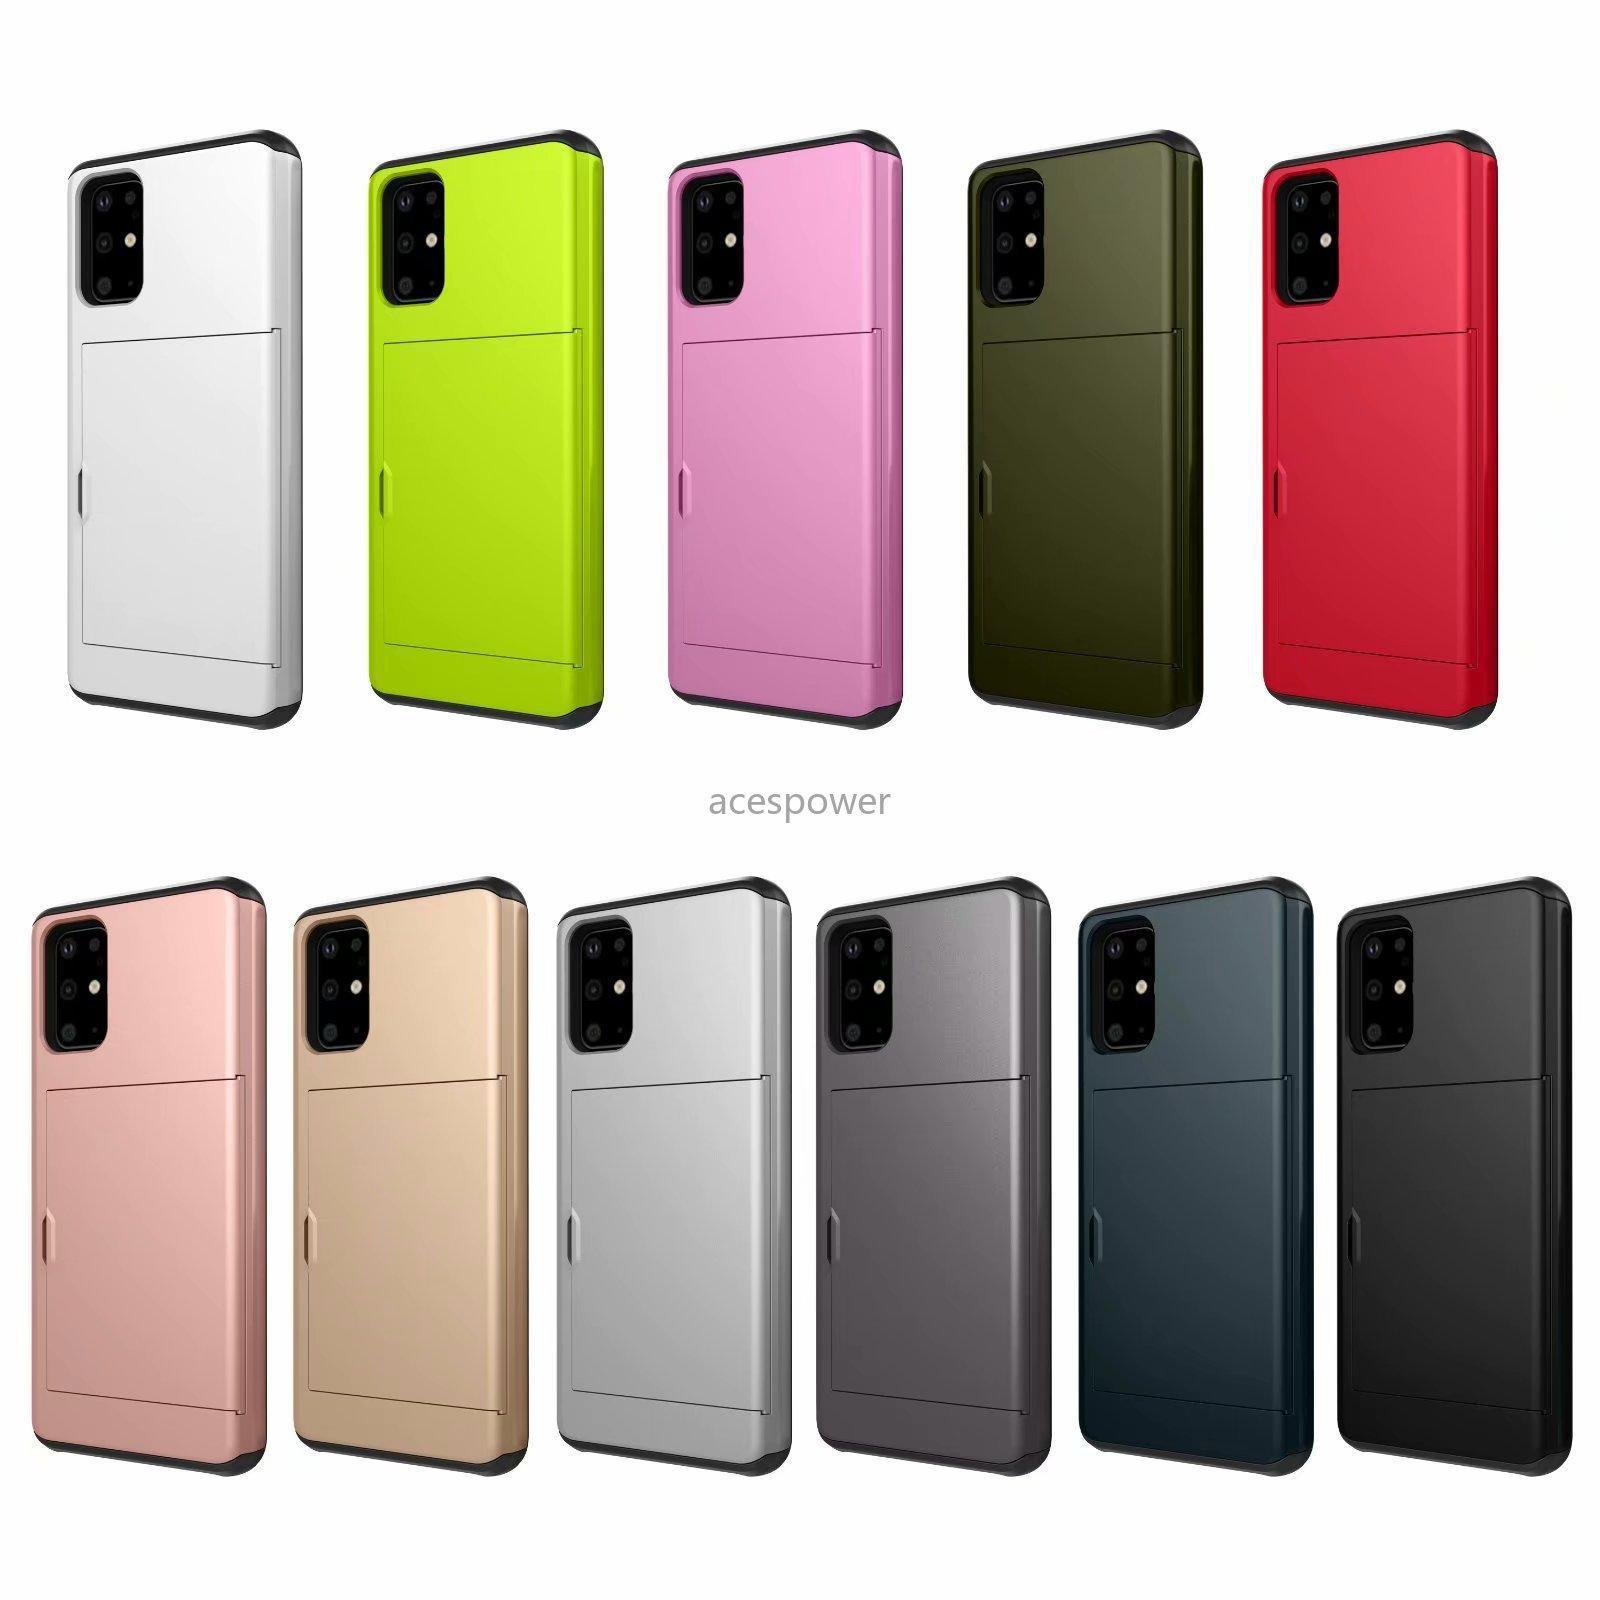 Casos de carteira para iPhone 12 mini 11 pro xs max samsung s20 plus casos fino cartão slot de cartão de slot protetor capa traseira híbrida